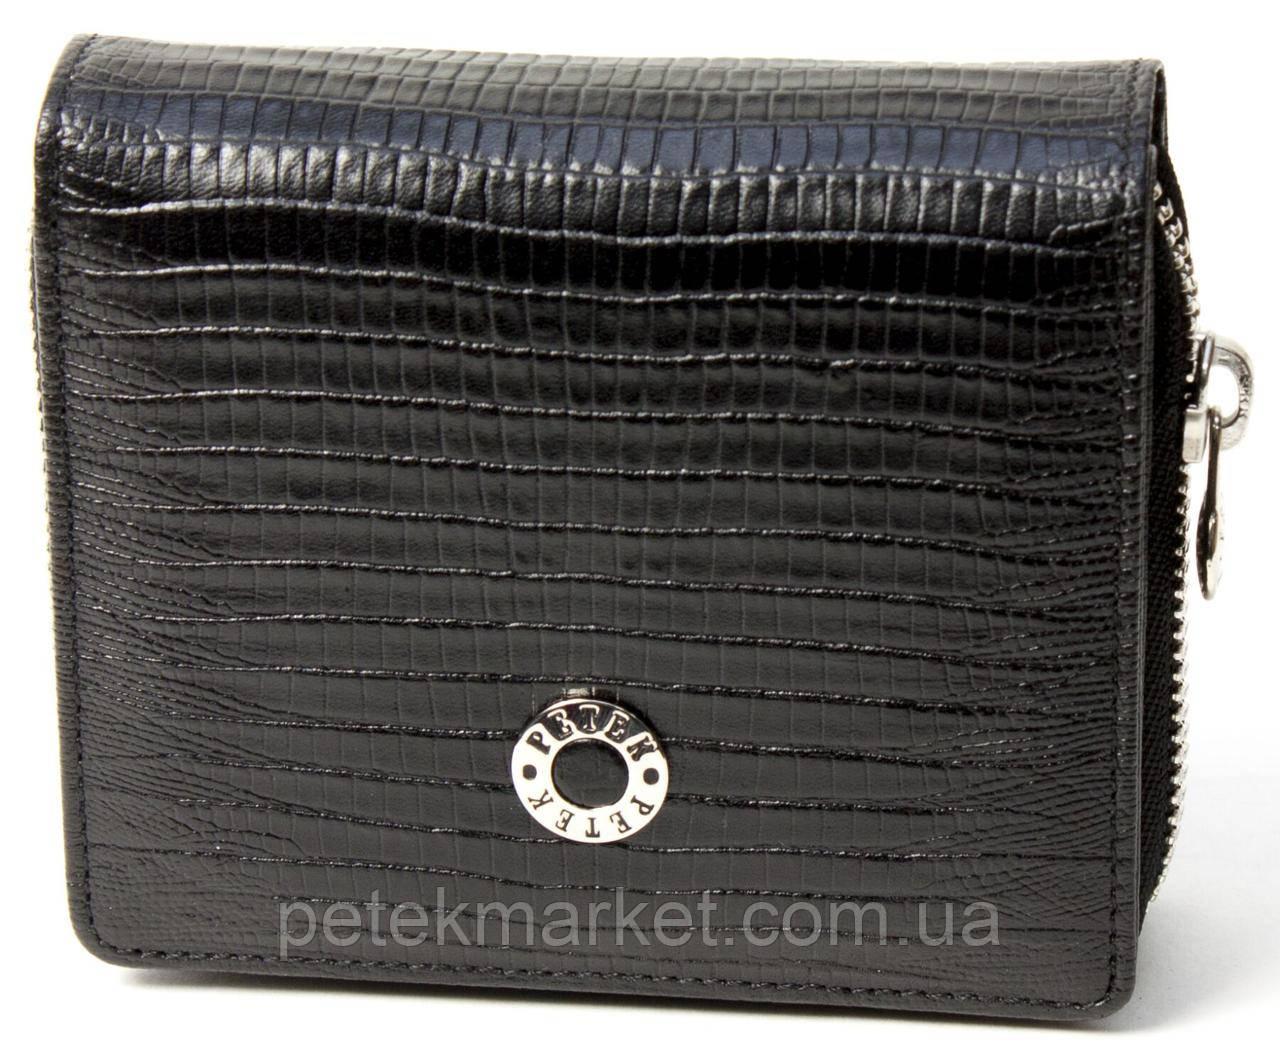 Женское портмоне Petek 457, Черный, 2, 5+, Вертикальное, Рептилия, Внутри, Матовая, Стандартное